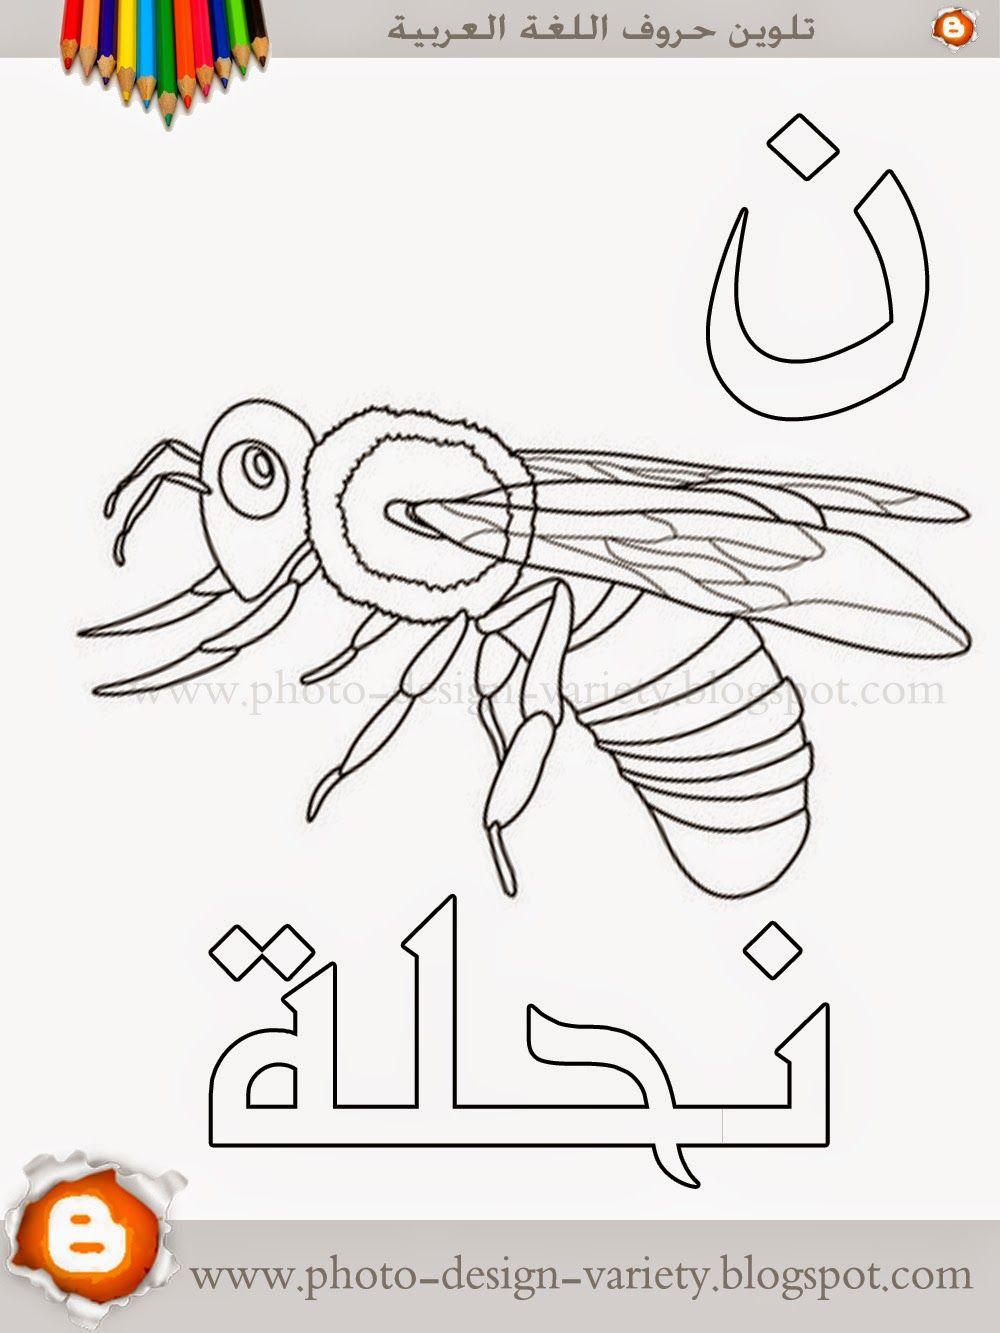 ألبومات صور منوعة البوم تلوين صور حروف هجاء اللغة العربية مع الأمثلة Alphabet Coloring Pages Learn Arabic Alphabet Alphabet Preschool